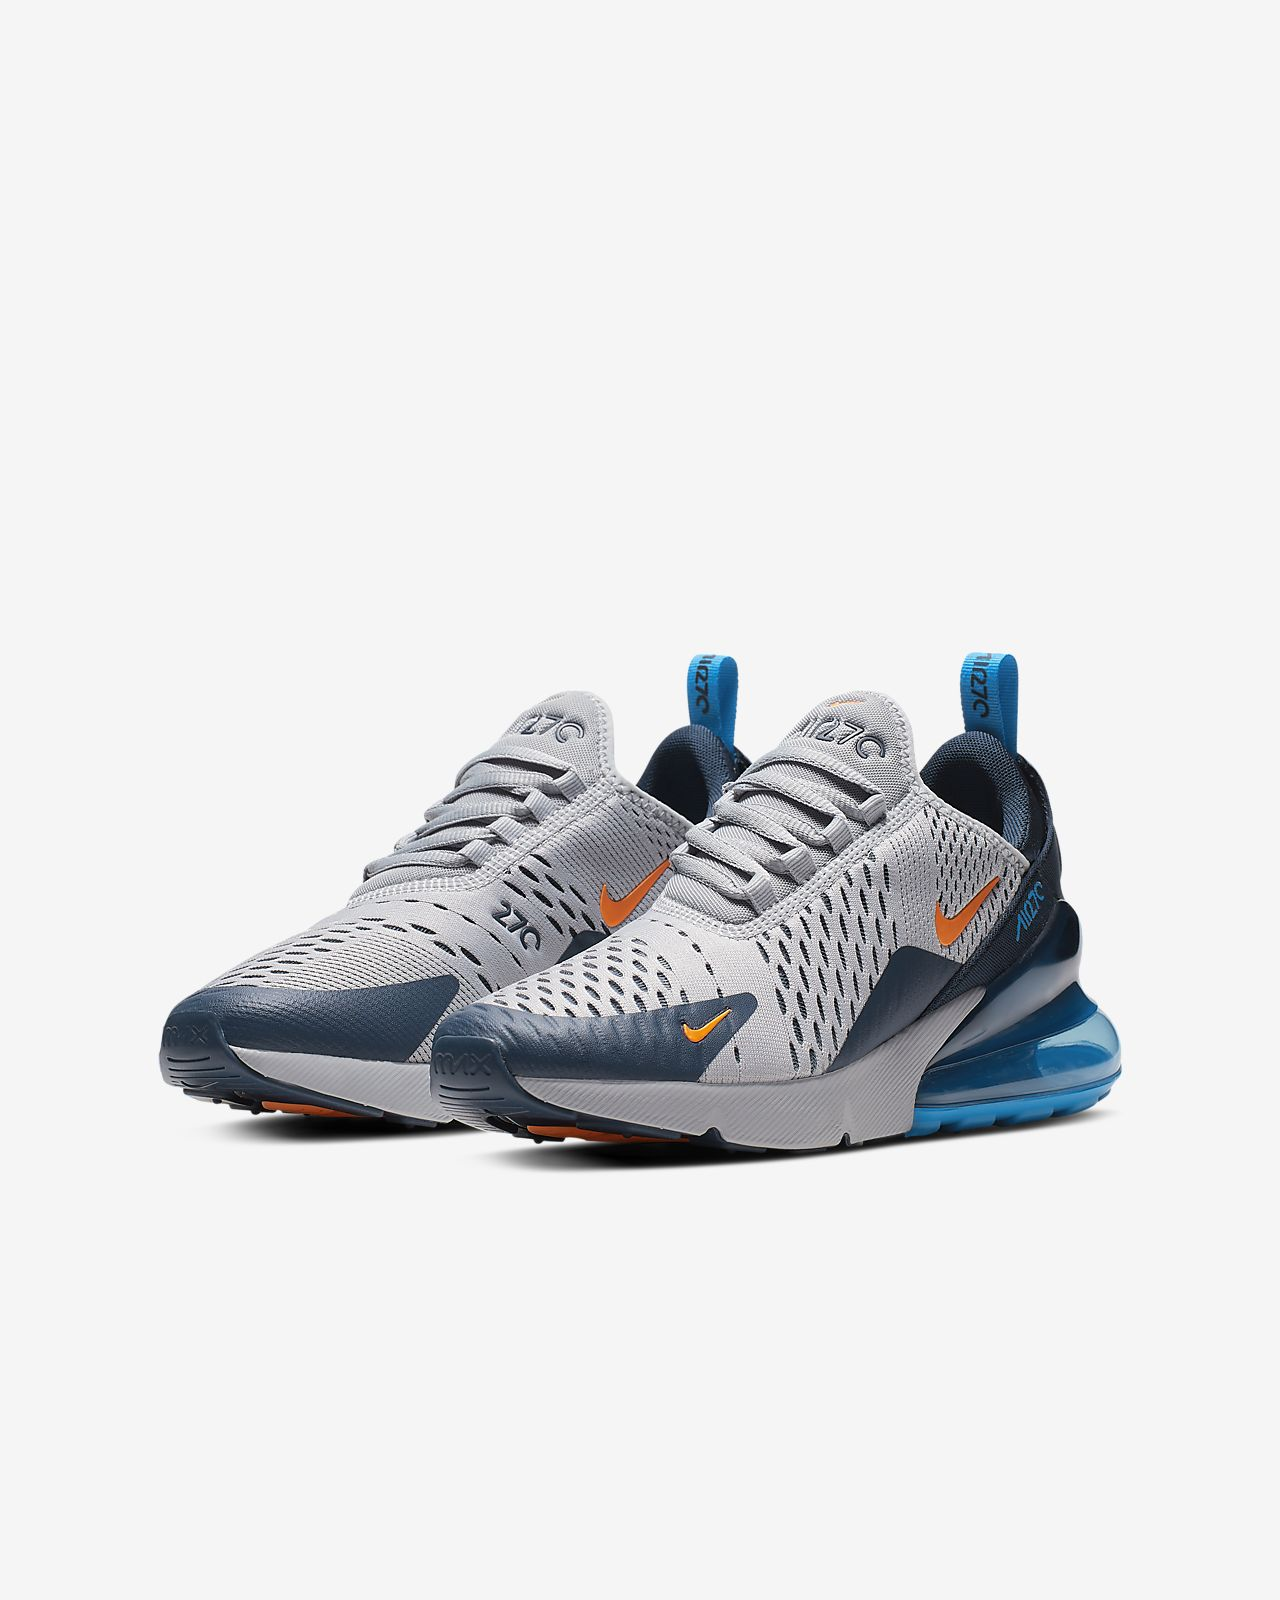 buy online 3287c b29e2 ... Chaussure Nike Air Max 270 pour Enfant plus âgé